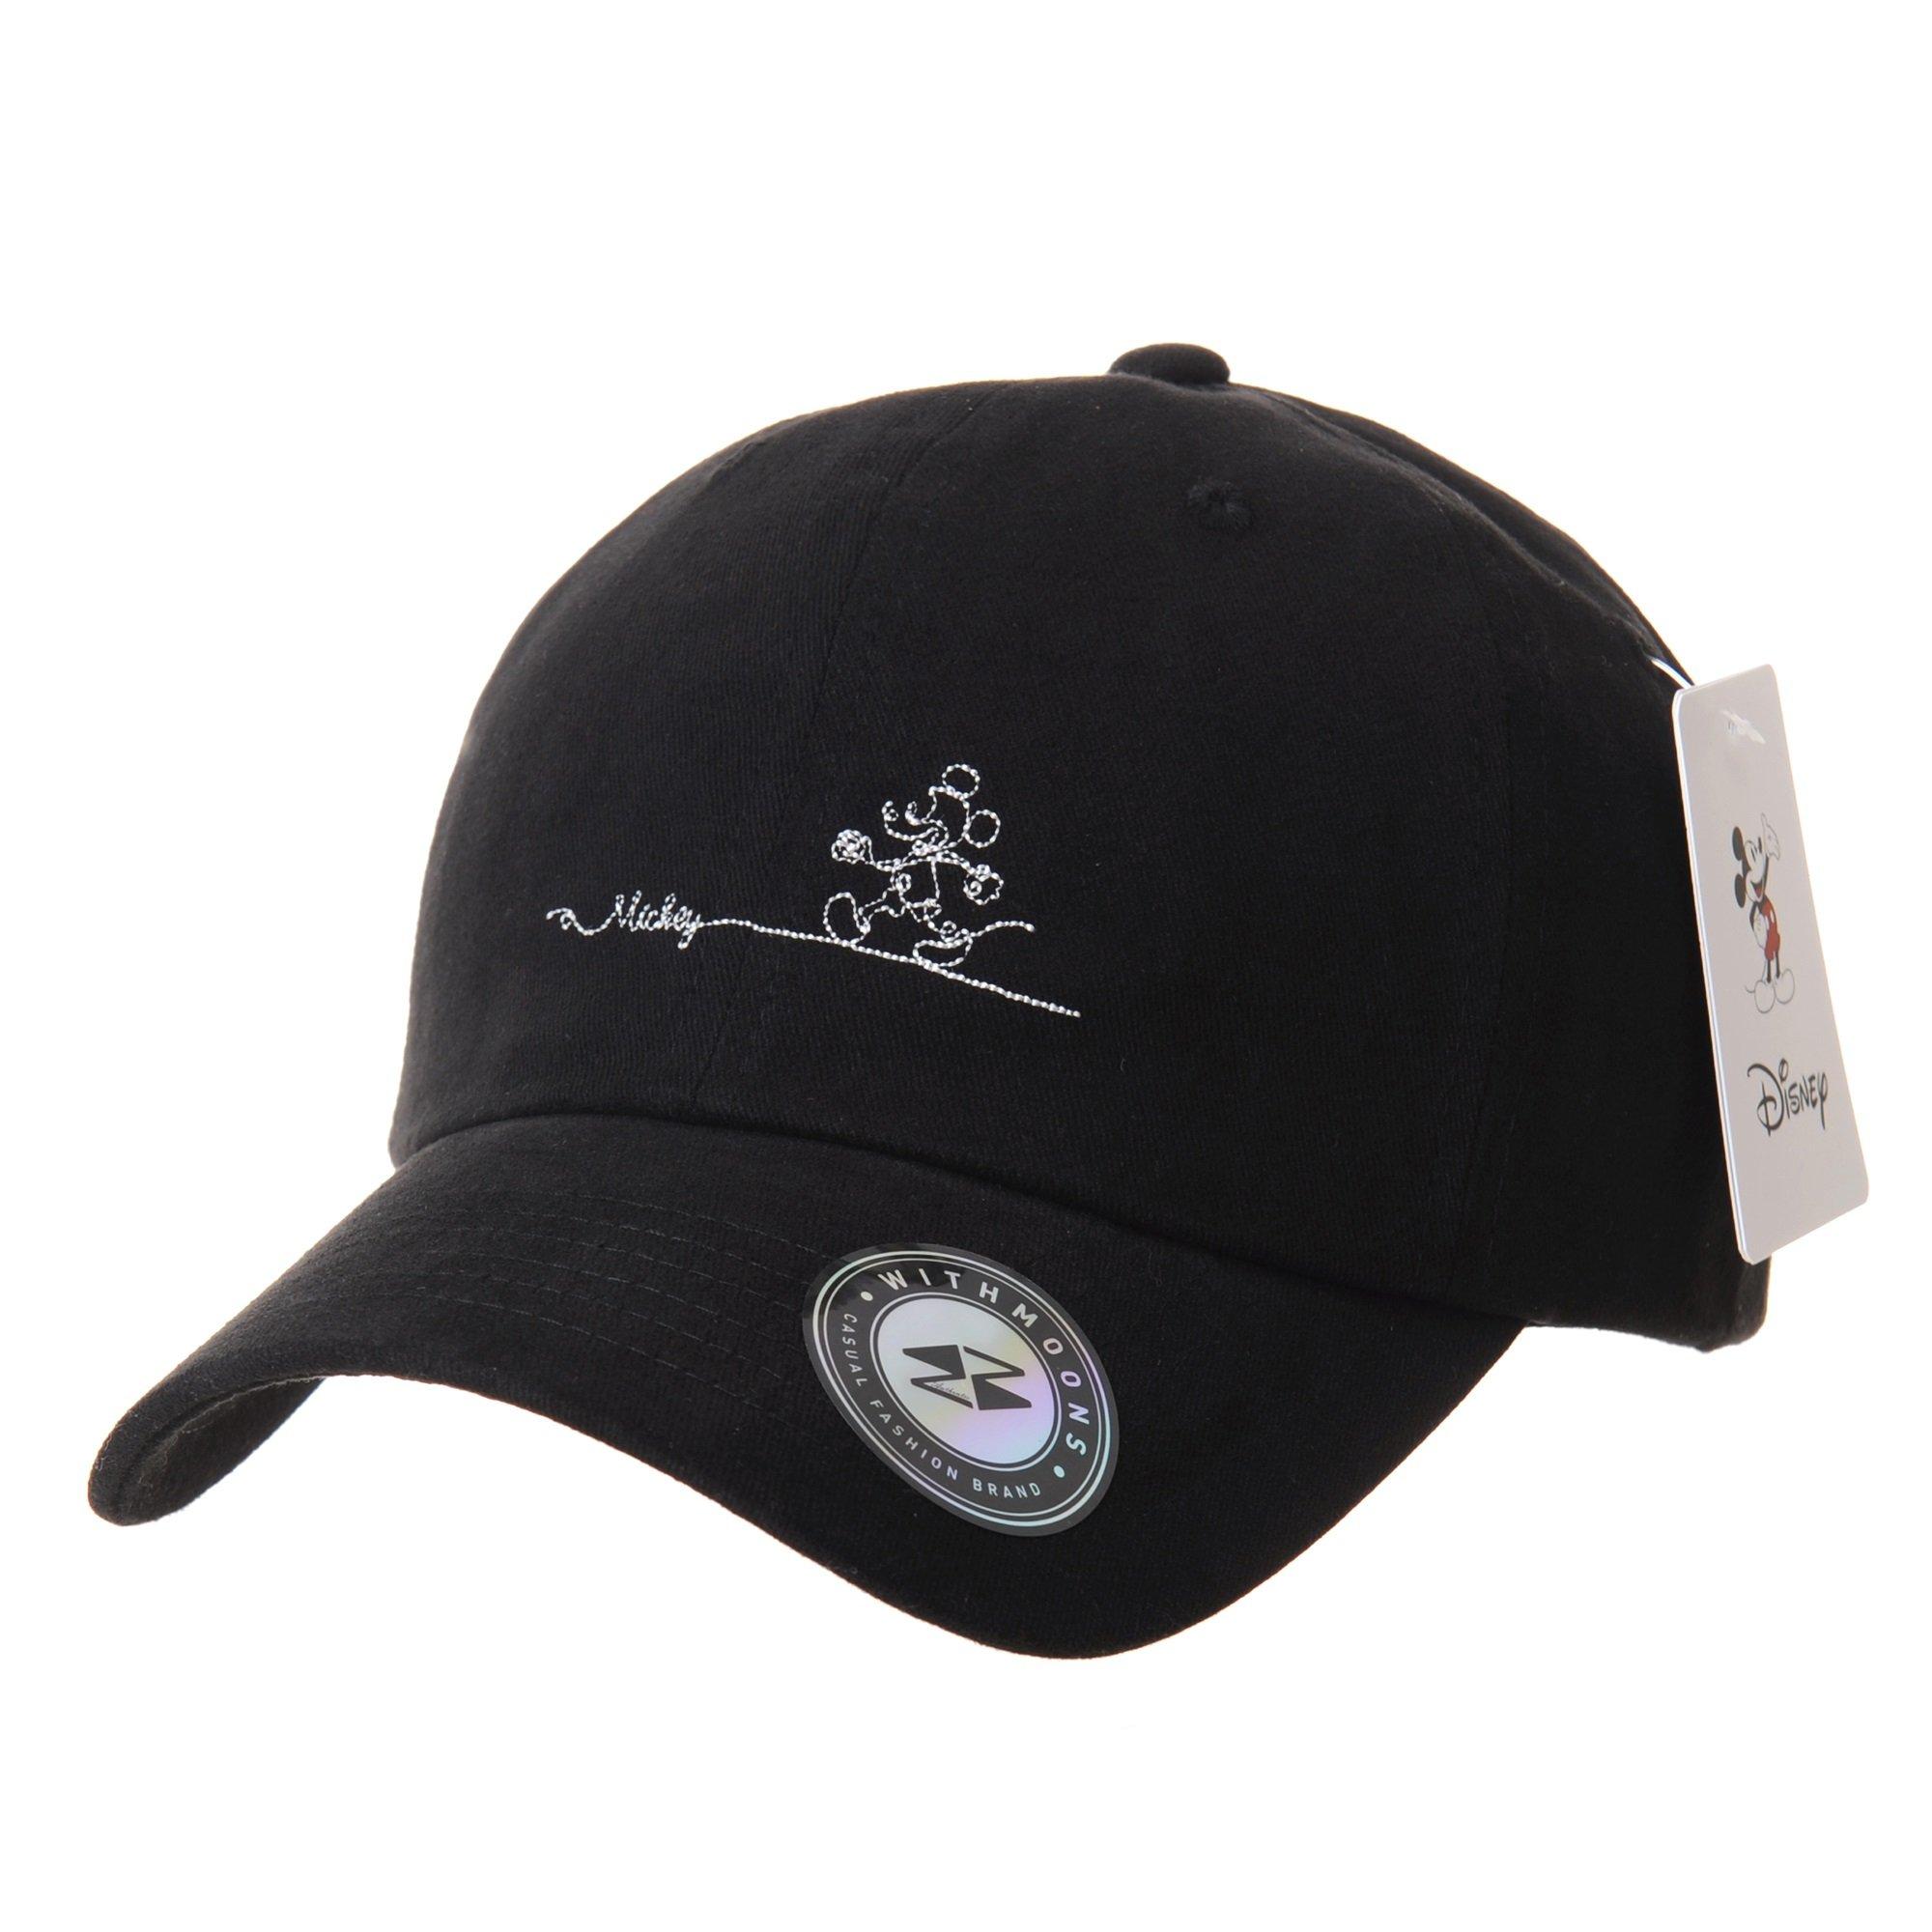 WITHMOONS Gorras de béisbol Gorra de Trucker Sombrero de Disney Mickey Mouse  ... a1b5966c76f